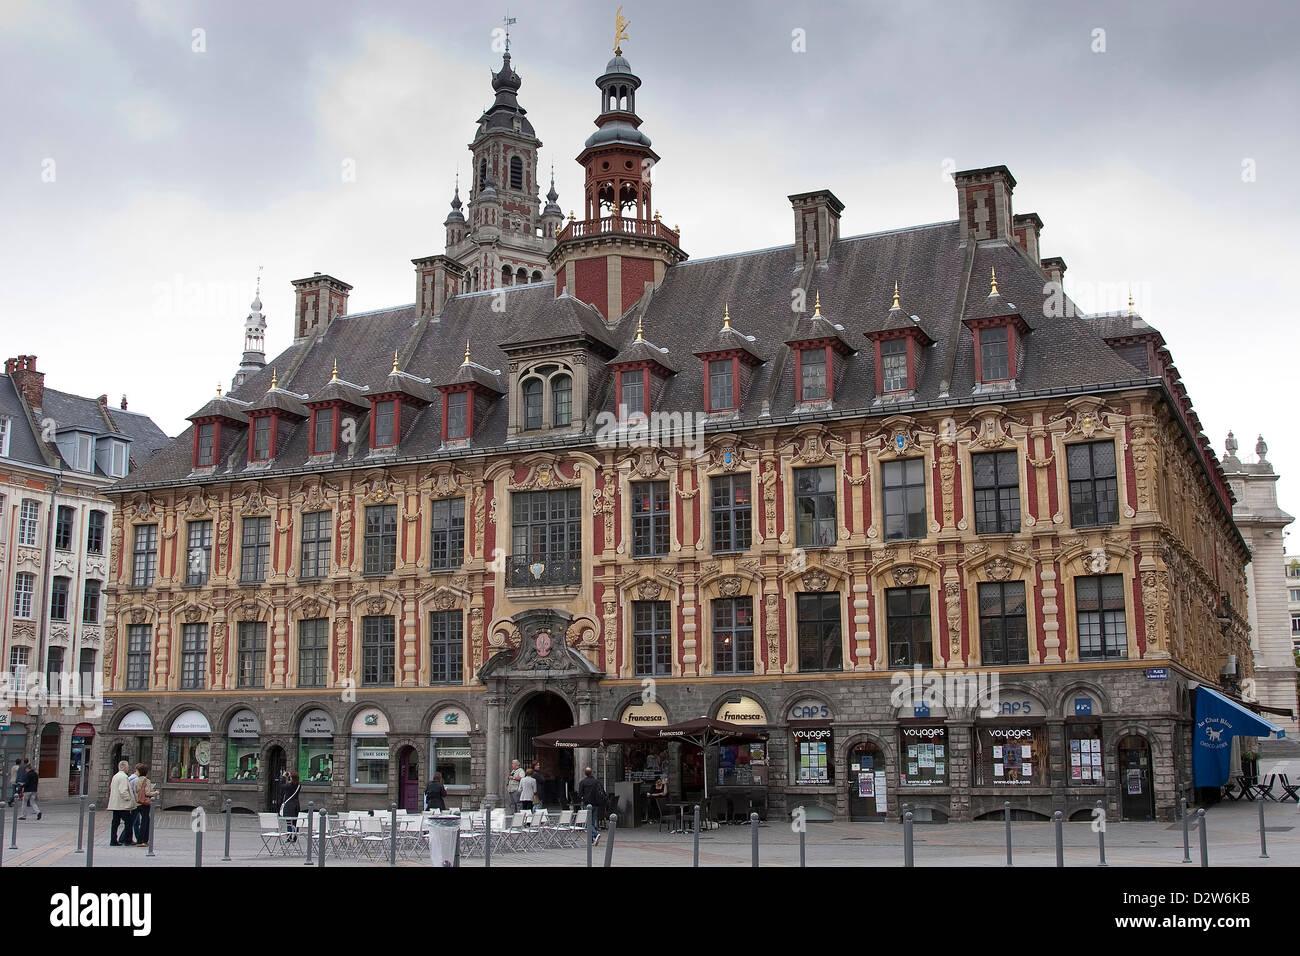 Vieille Bourse, Lille, Francia. Imagen De Stock